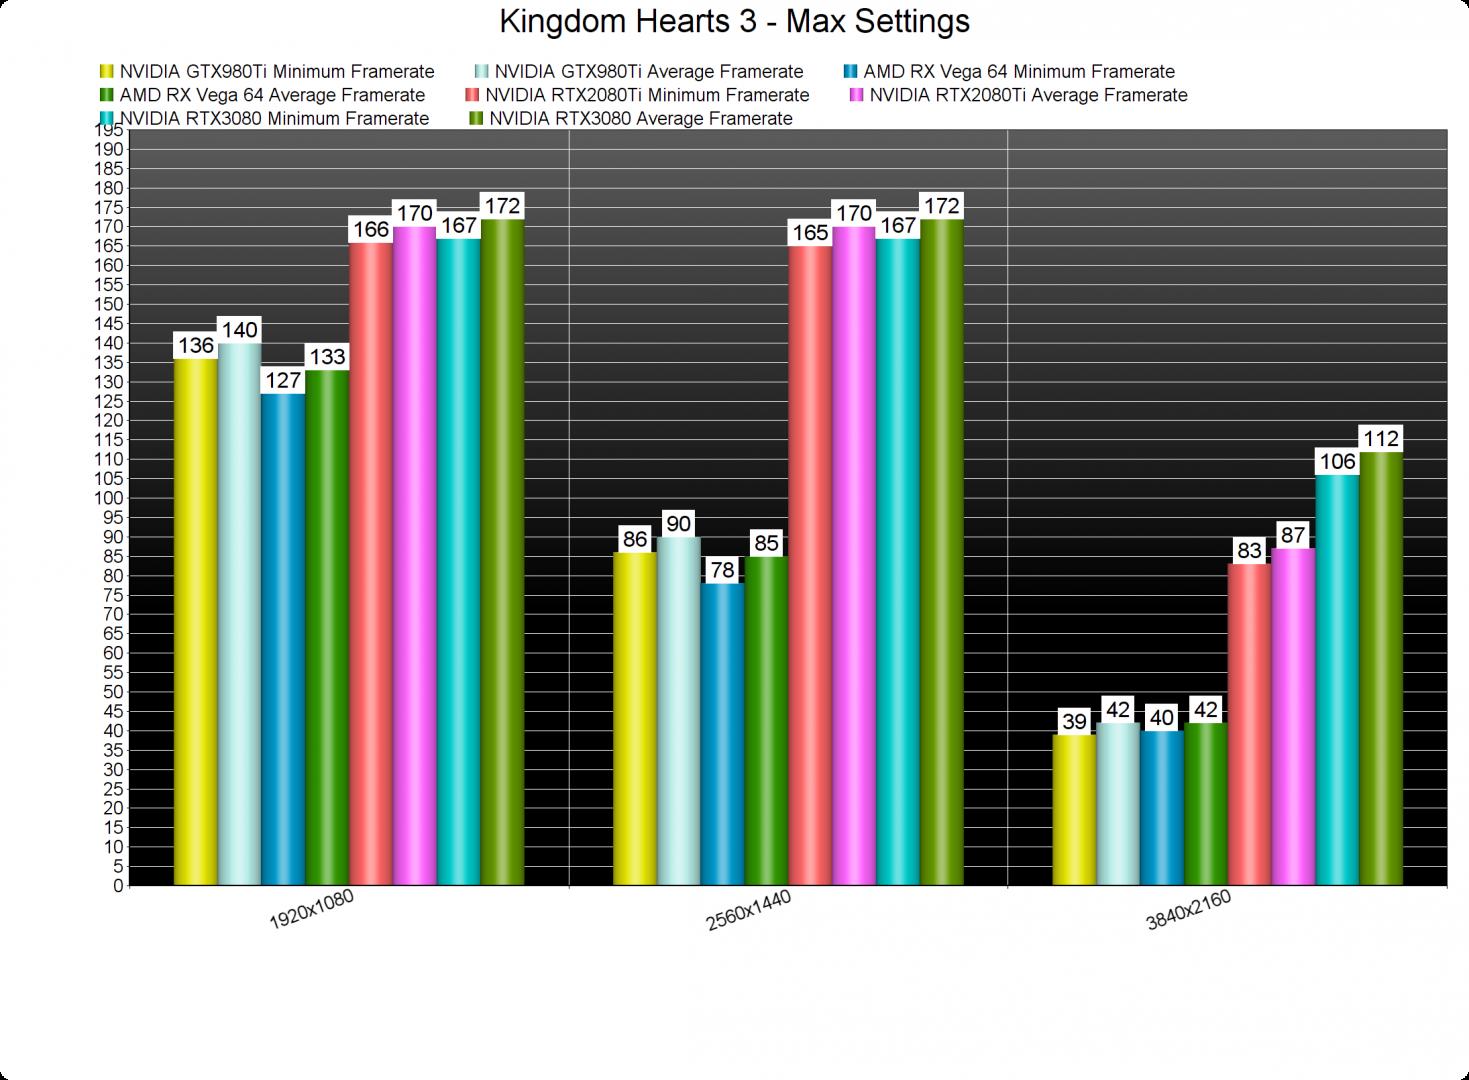 Kingdom Hearts 3 GPU benchmarks-2